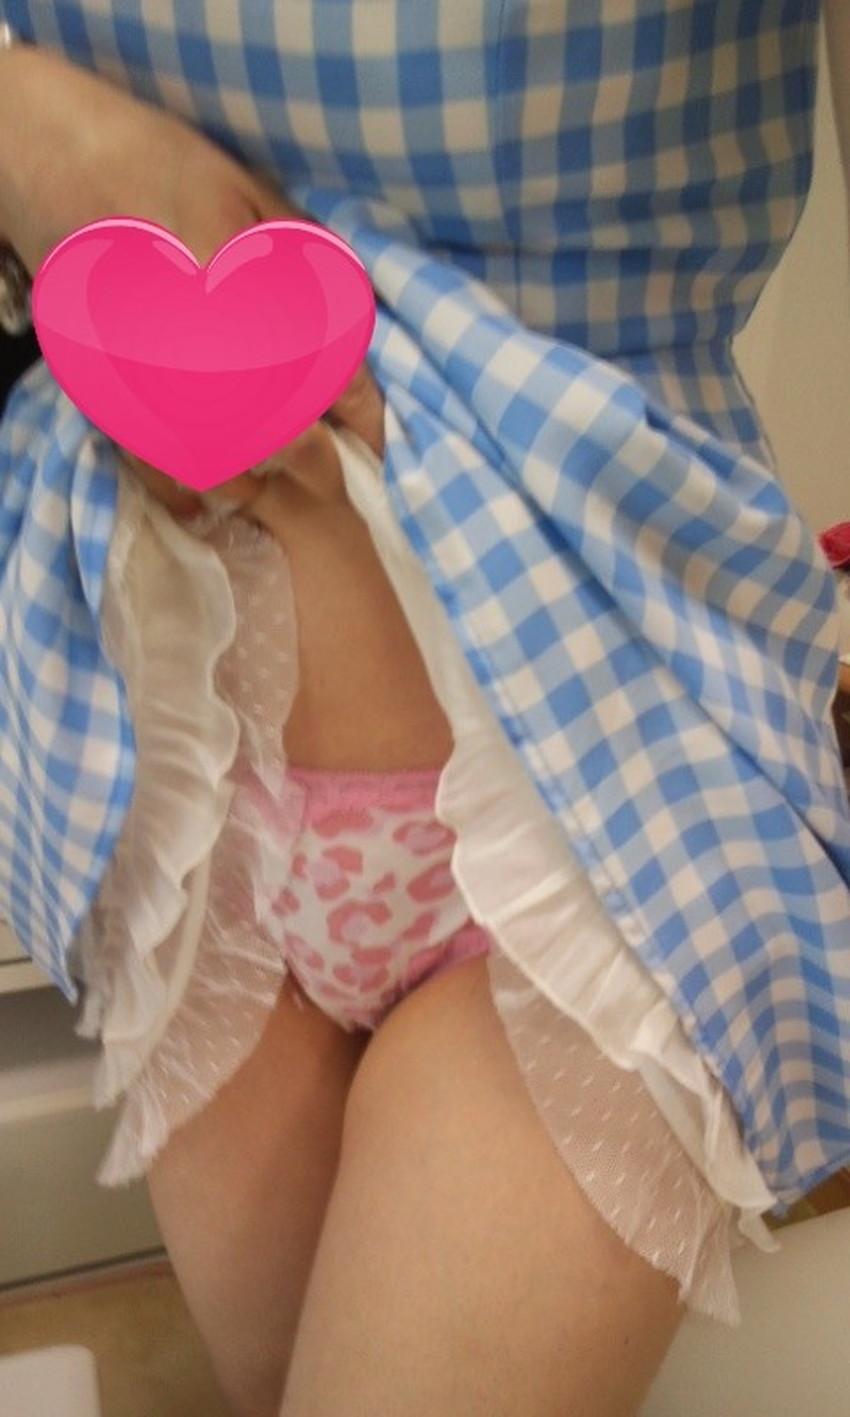 【自撮りパンチラエロ画像】プチ露出狂な素人女子たちが裏垢で自らパンチラさせて自撮りしてくれてる自撮りパンチラのエロ画像集!!【80枚】 49